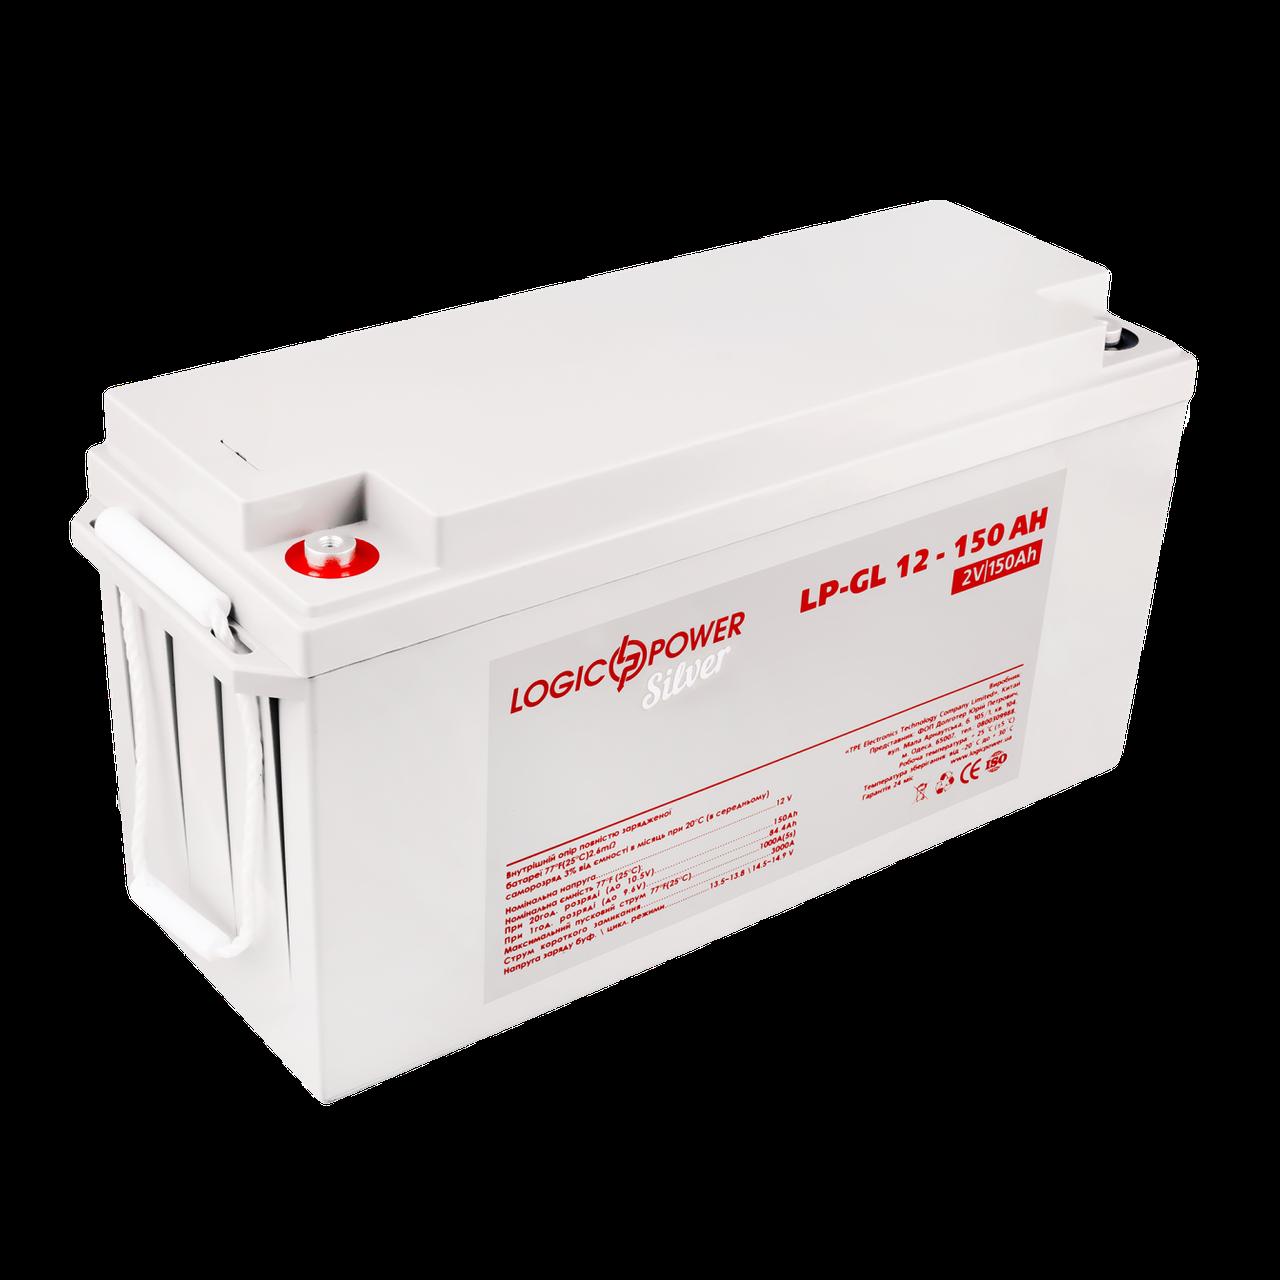 Аккумулятор гелевый  LP-GL 12 - 150 AH SILVER